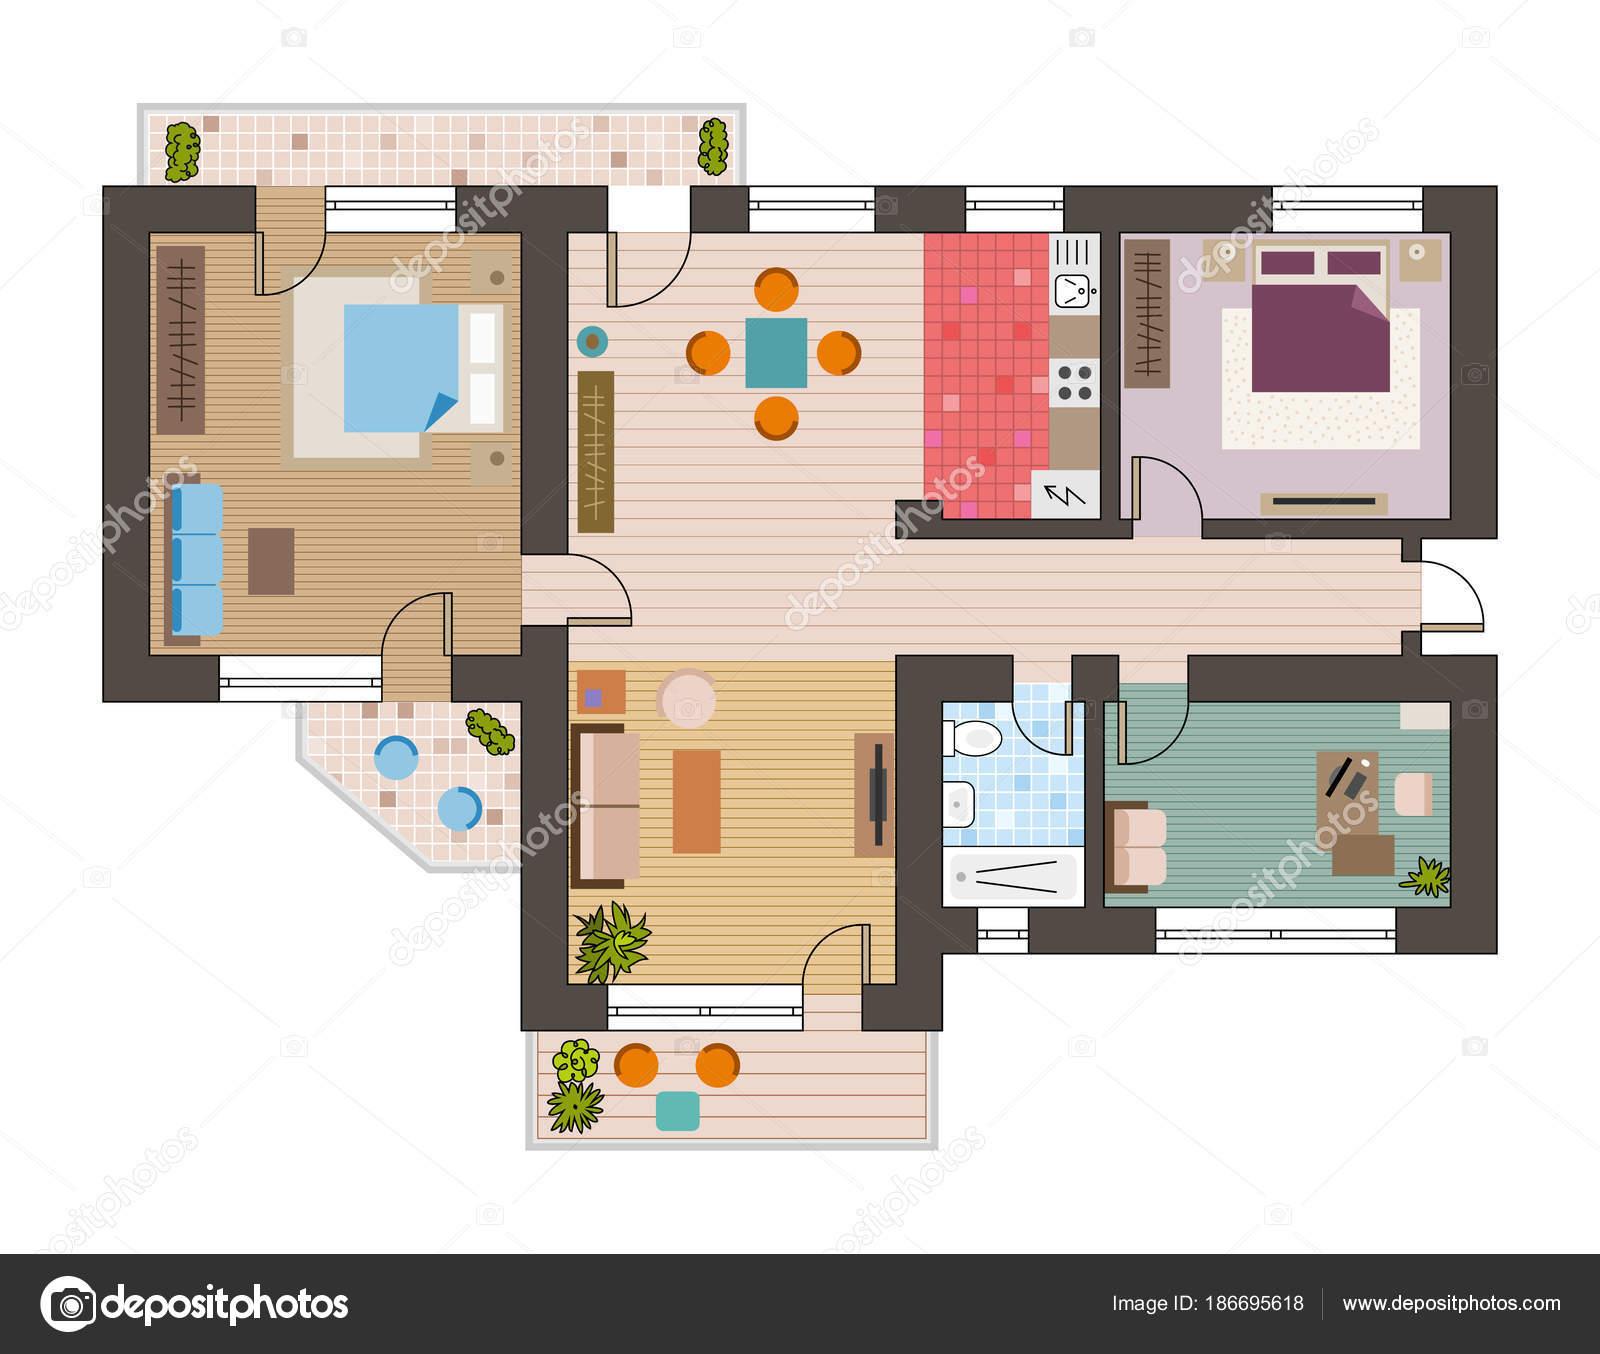 Vista Superior Do Plano Liso Arquitectónico Com Salas